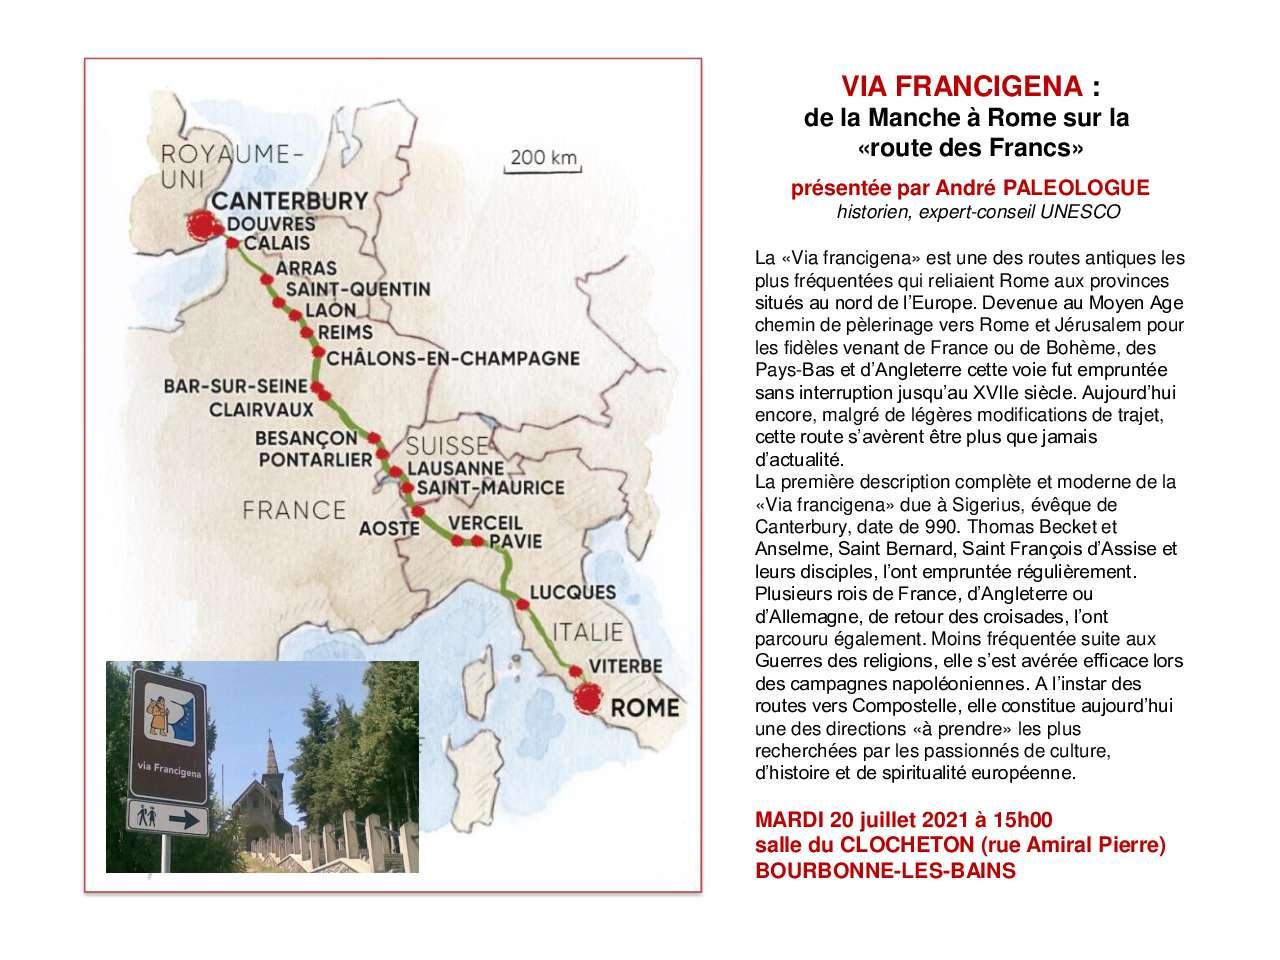 VIA FRANCIGENA : de la Manche à Rome sur la «route des Francs»